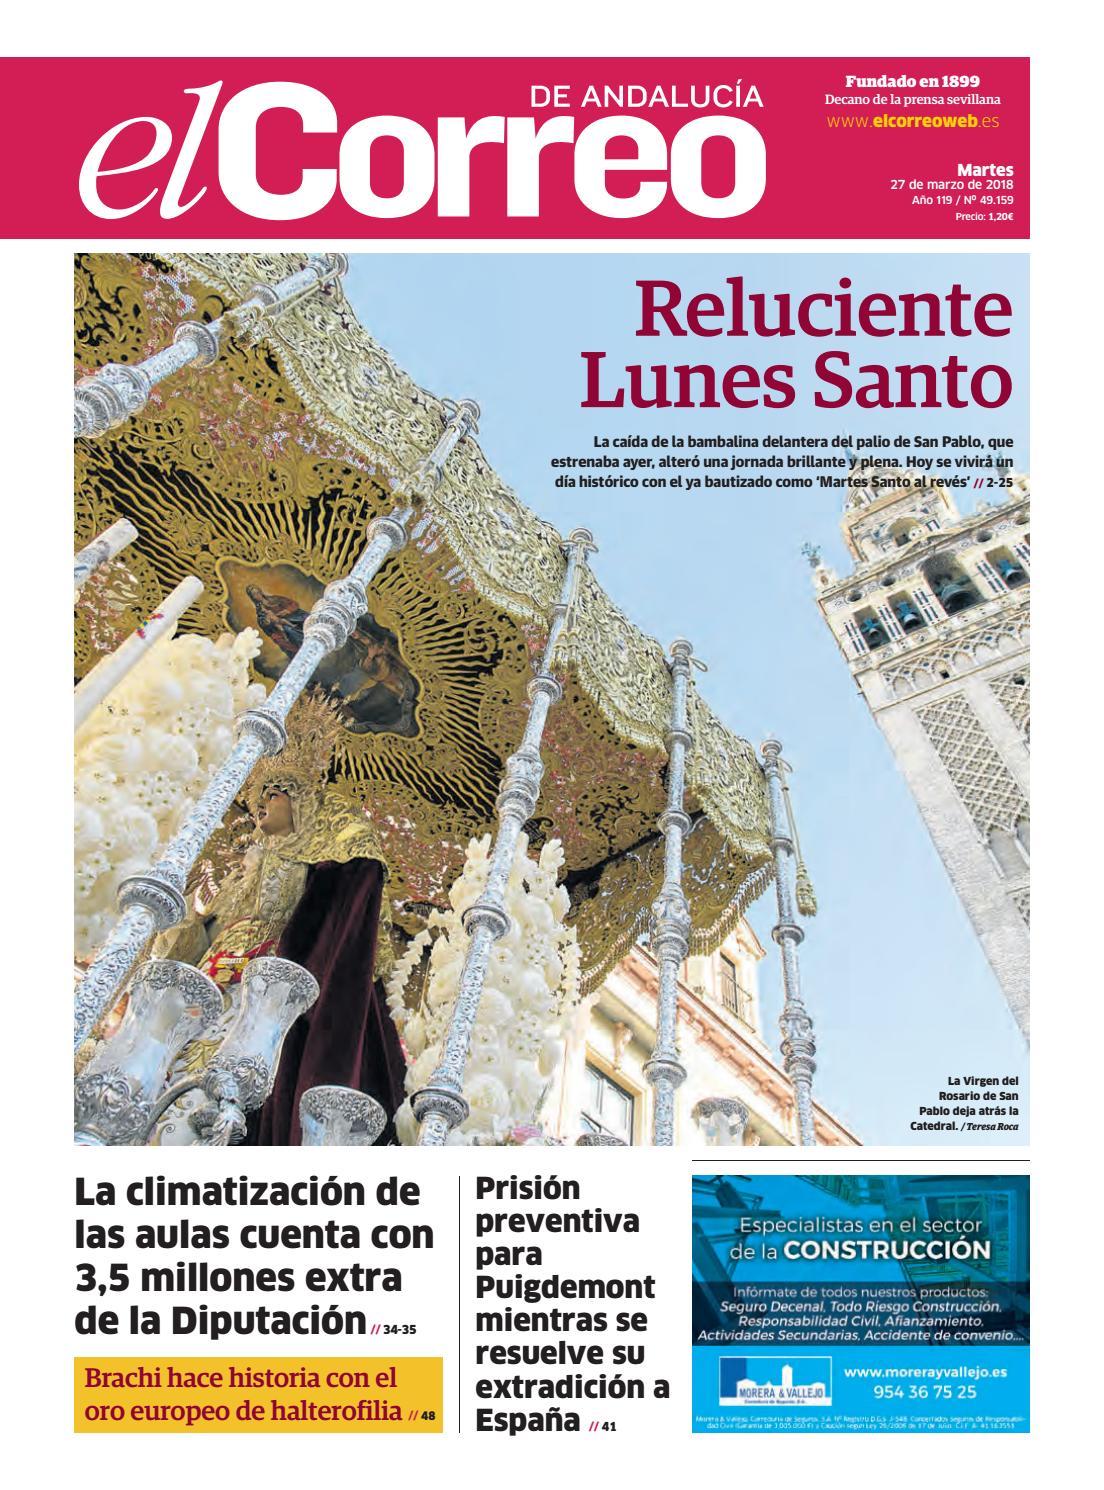 27.03.2018 El Correo de Andalucía by EL CORREO DE ANDALUCÍA S.L. - issuu